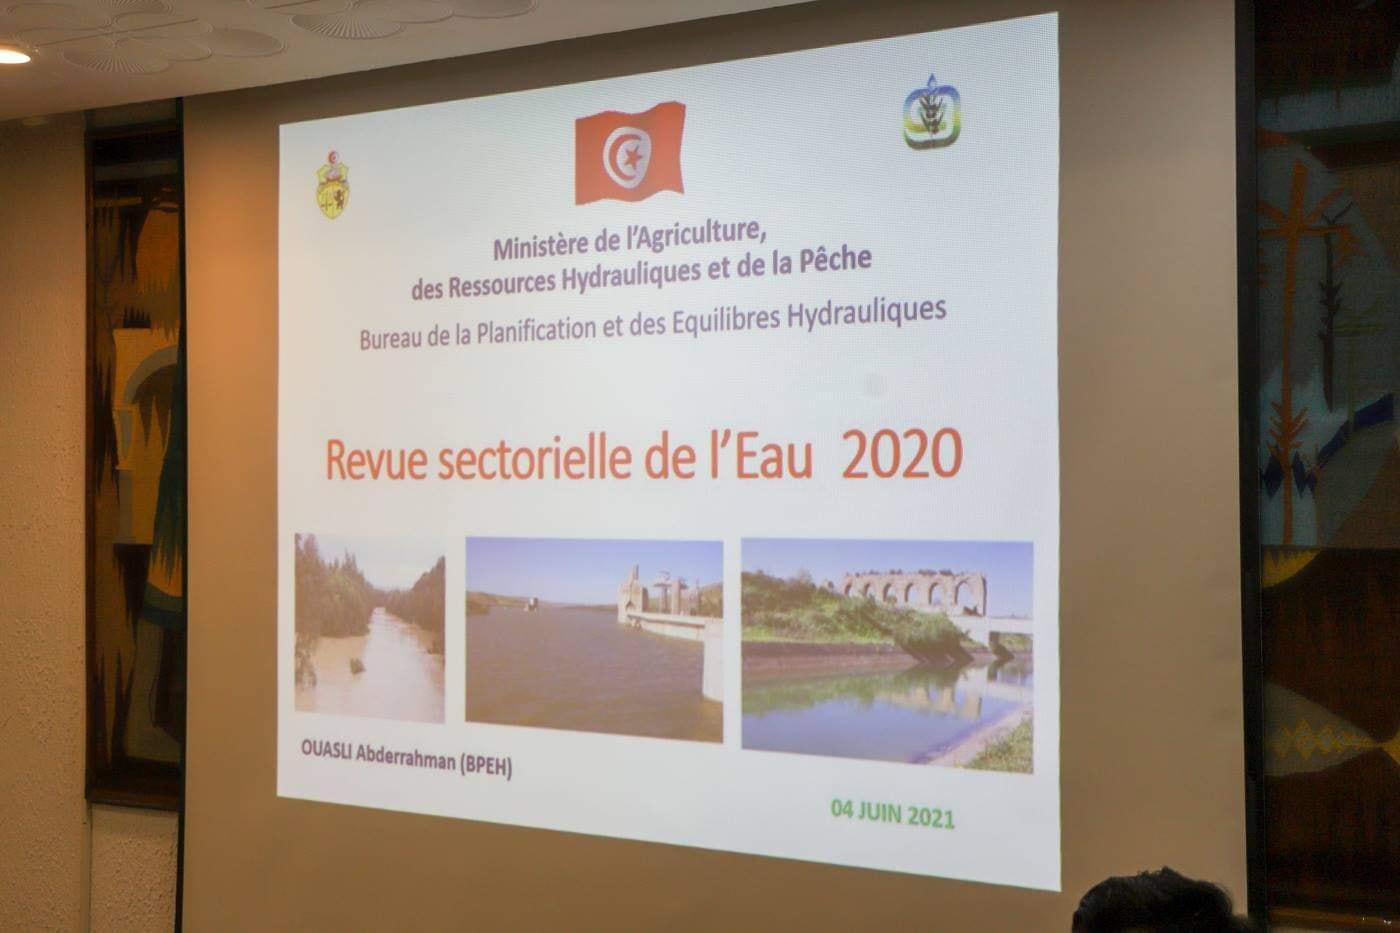 جلسة عمل حول تقييم التّقرير القطاعي للمياه 2019 والبدء في اعداد التّقرير القطاعي للمياه 2020